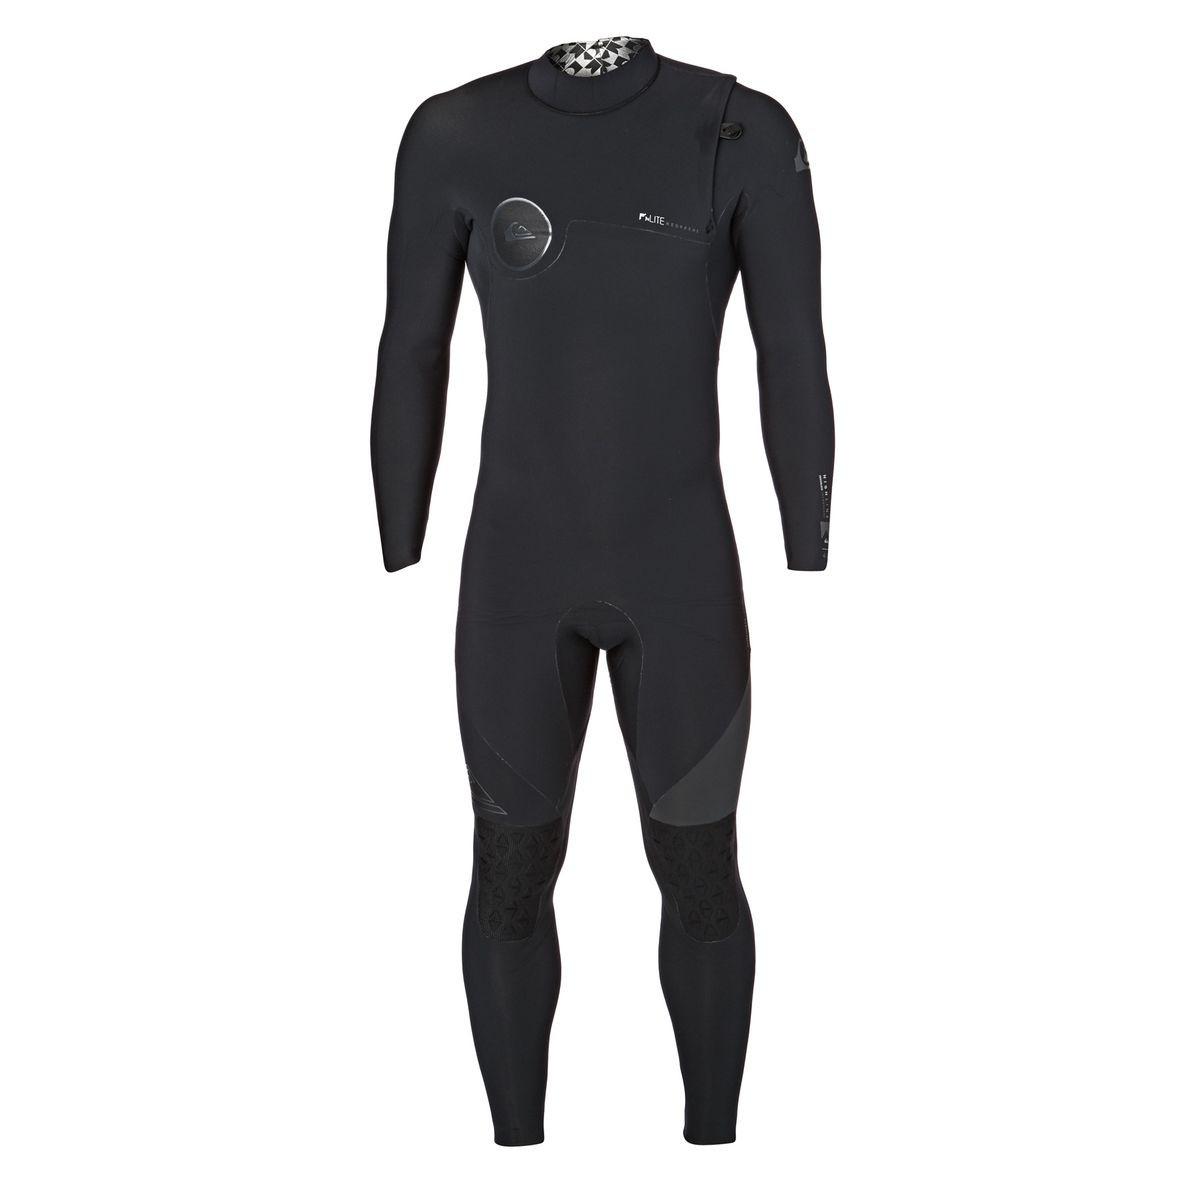 Quiksilver Highline 4/3mm 2017 Zipperless Wetsuit - Black